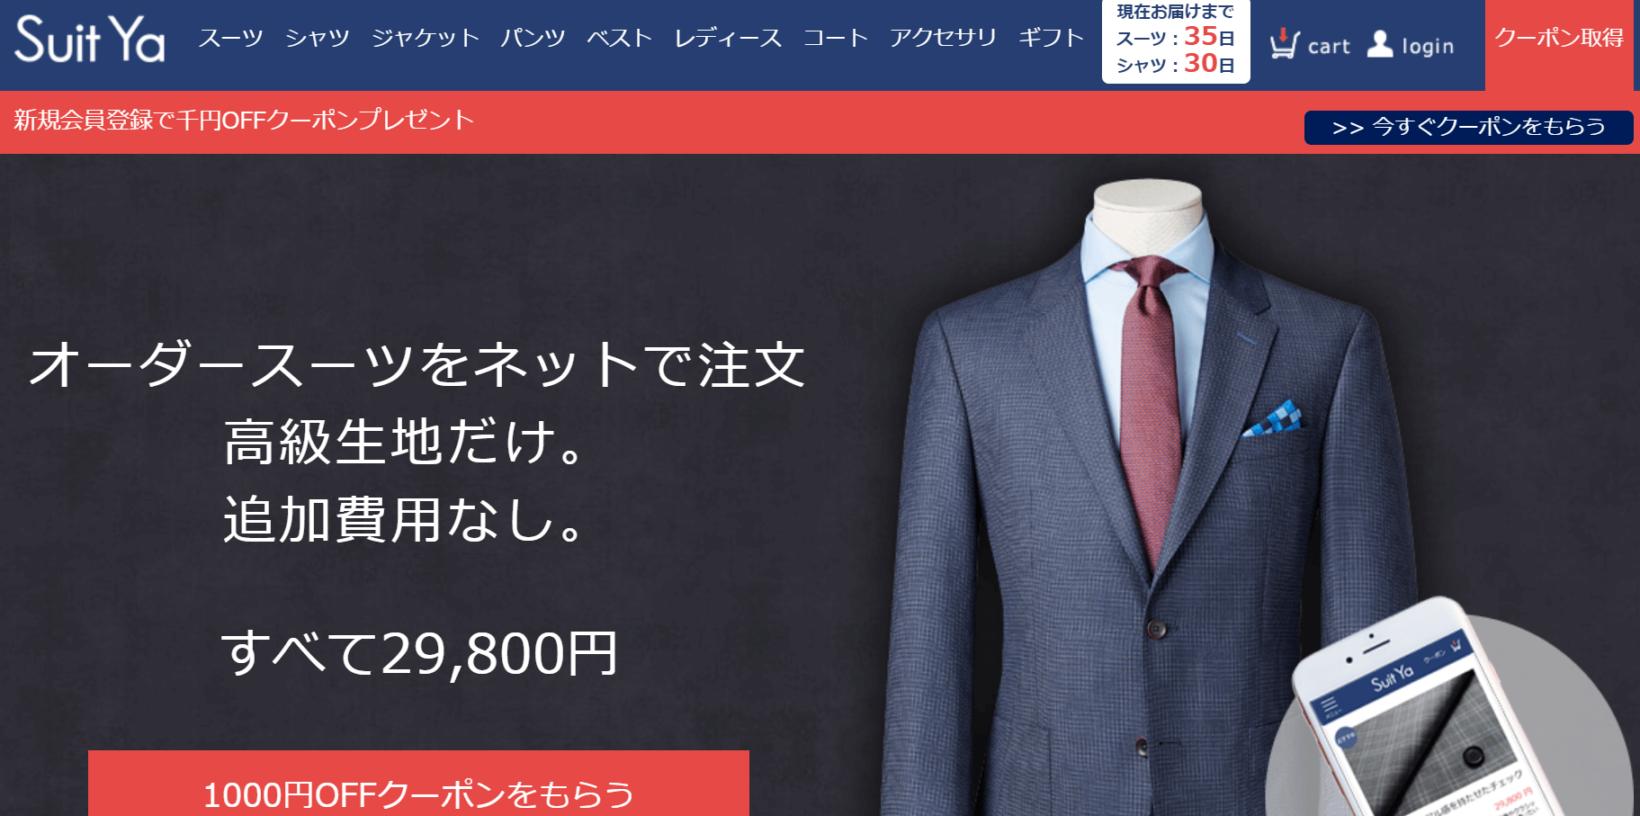 Suit ya